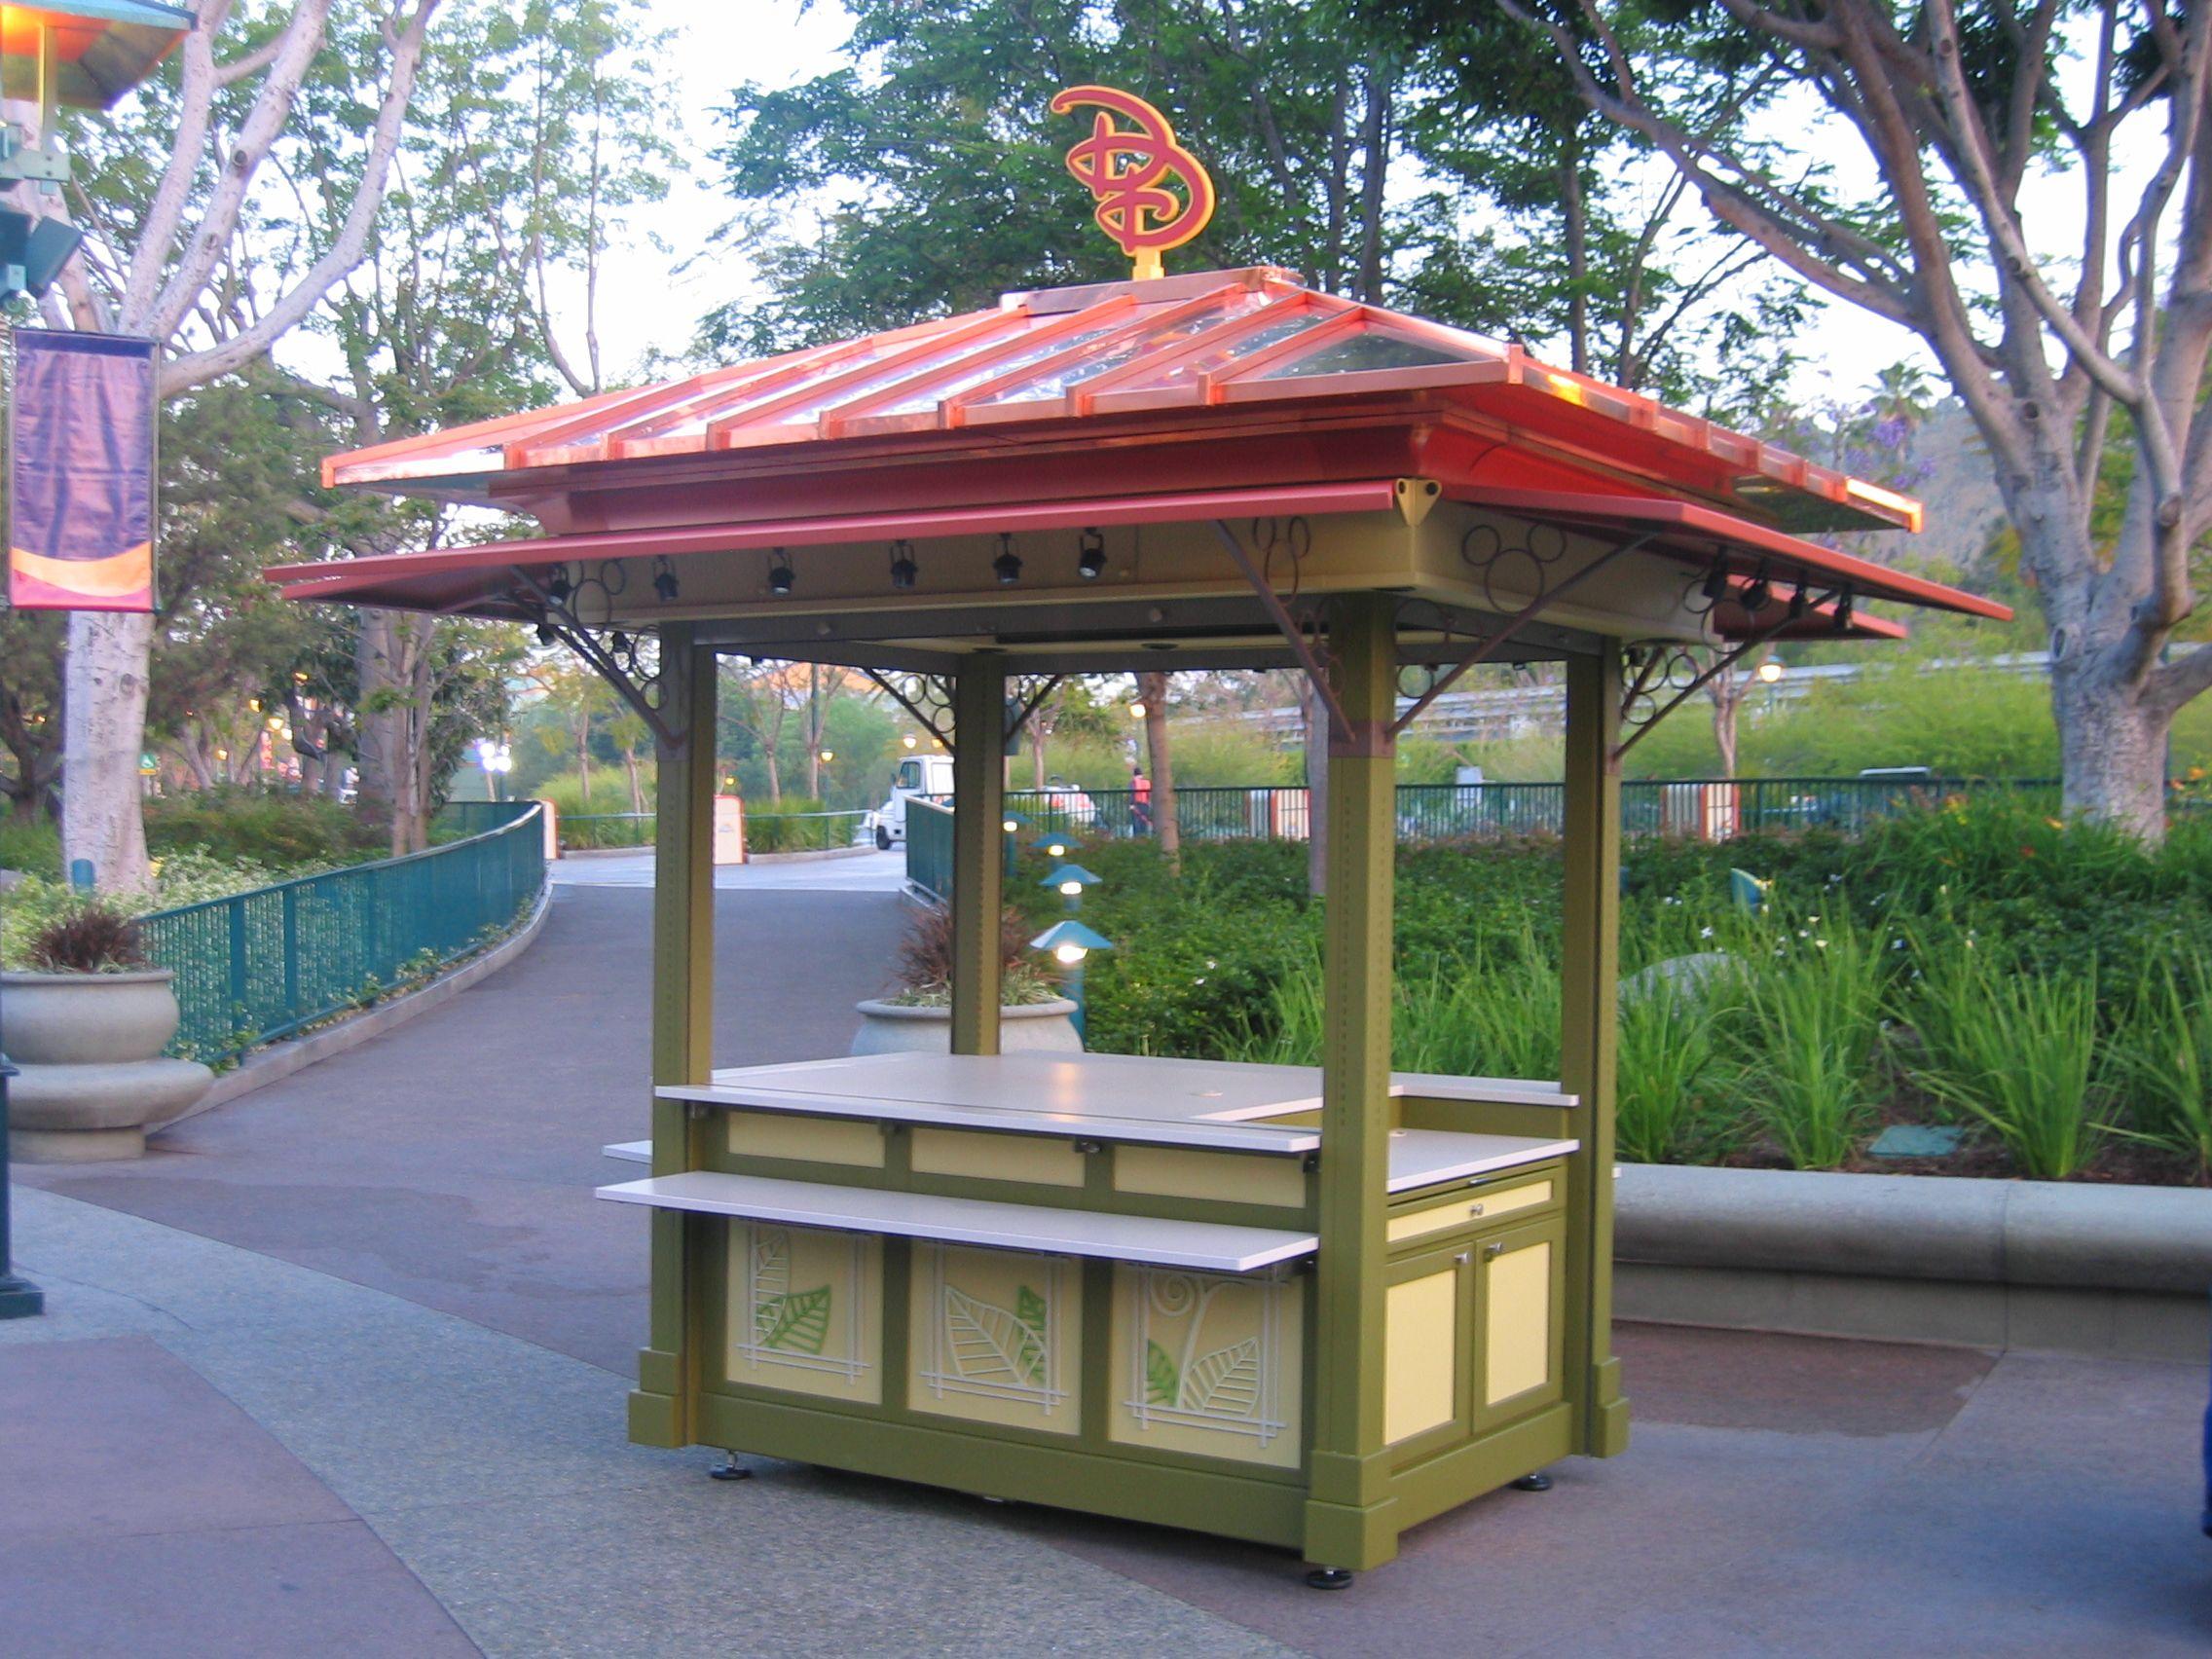 Outdoor kiosk downtown disney kiosk style pinterest for Exterior kiosk design